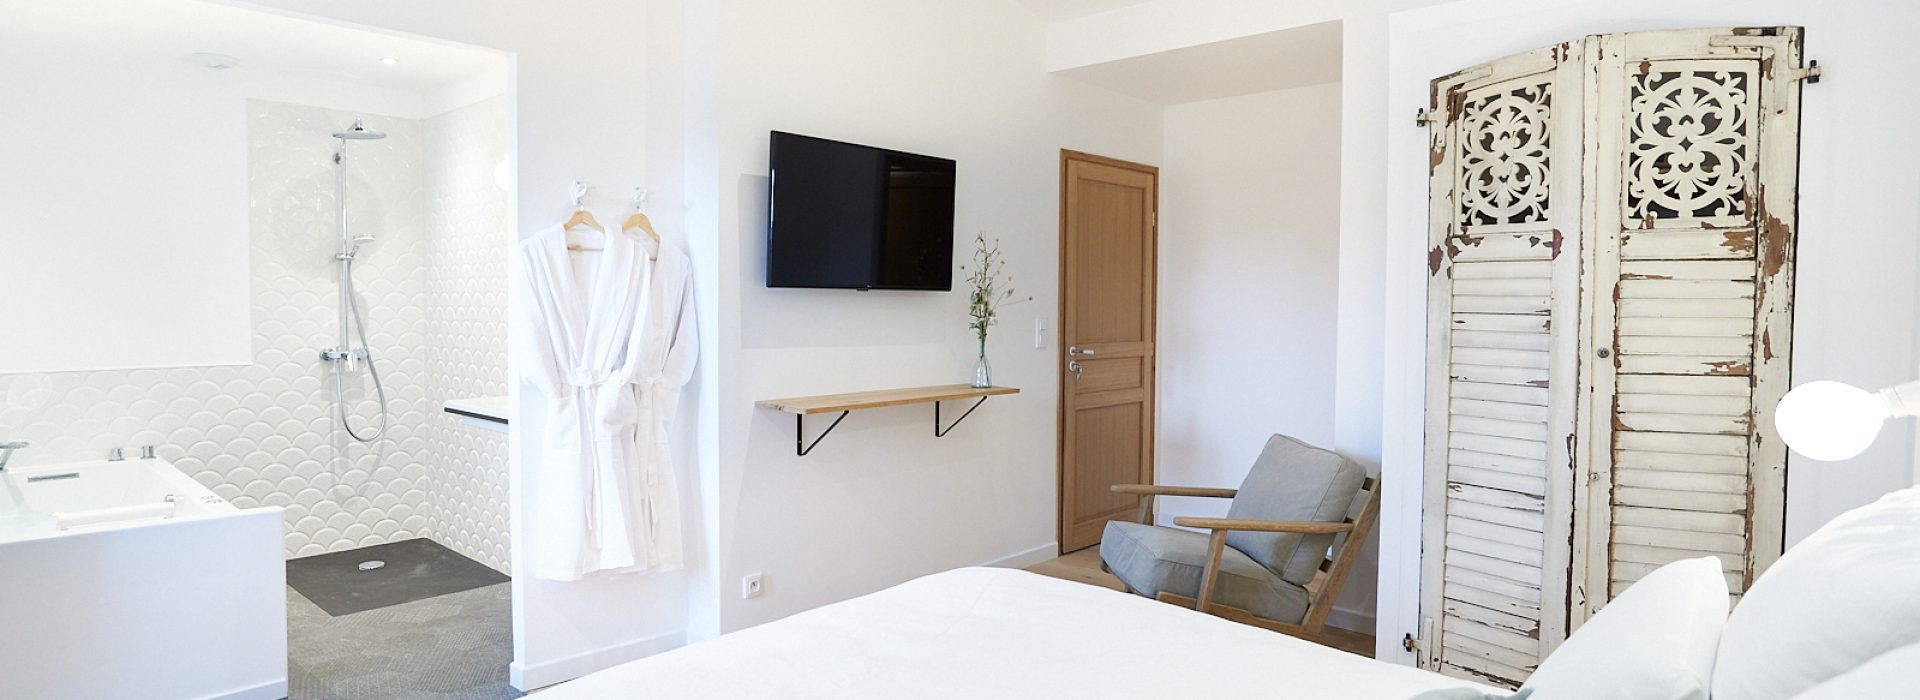 1634_Suite 1634 - Chambre et spa bis